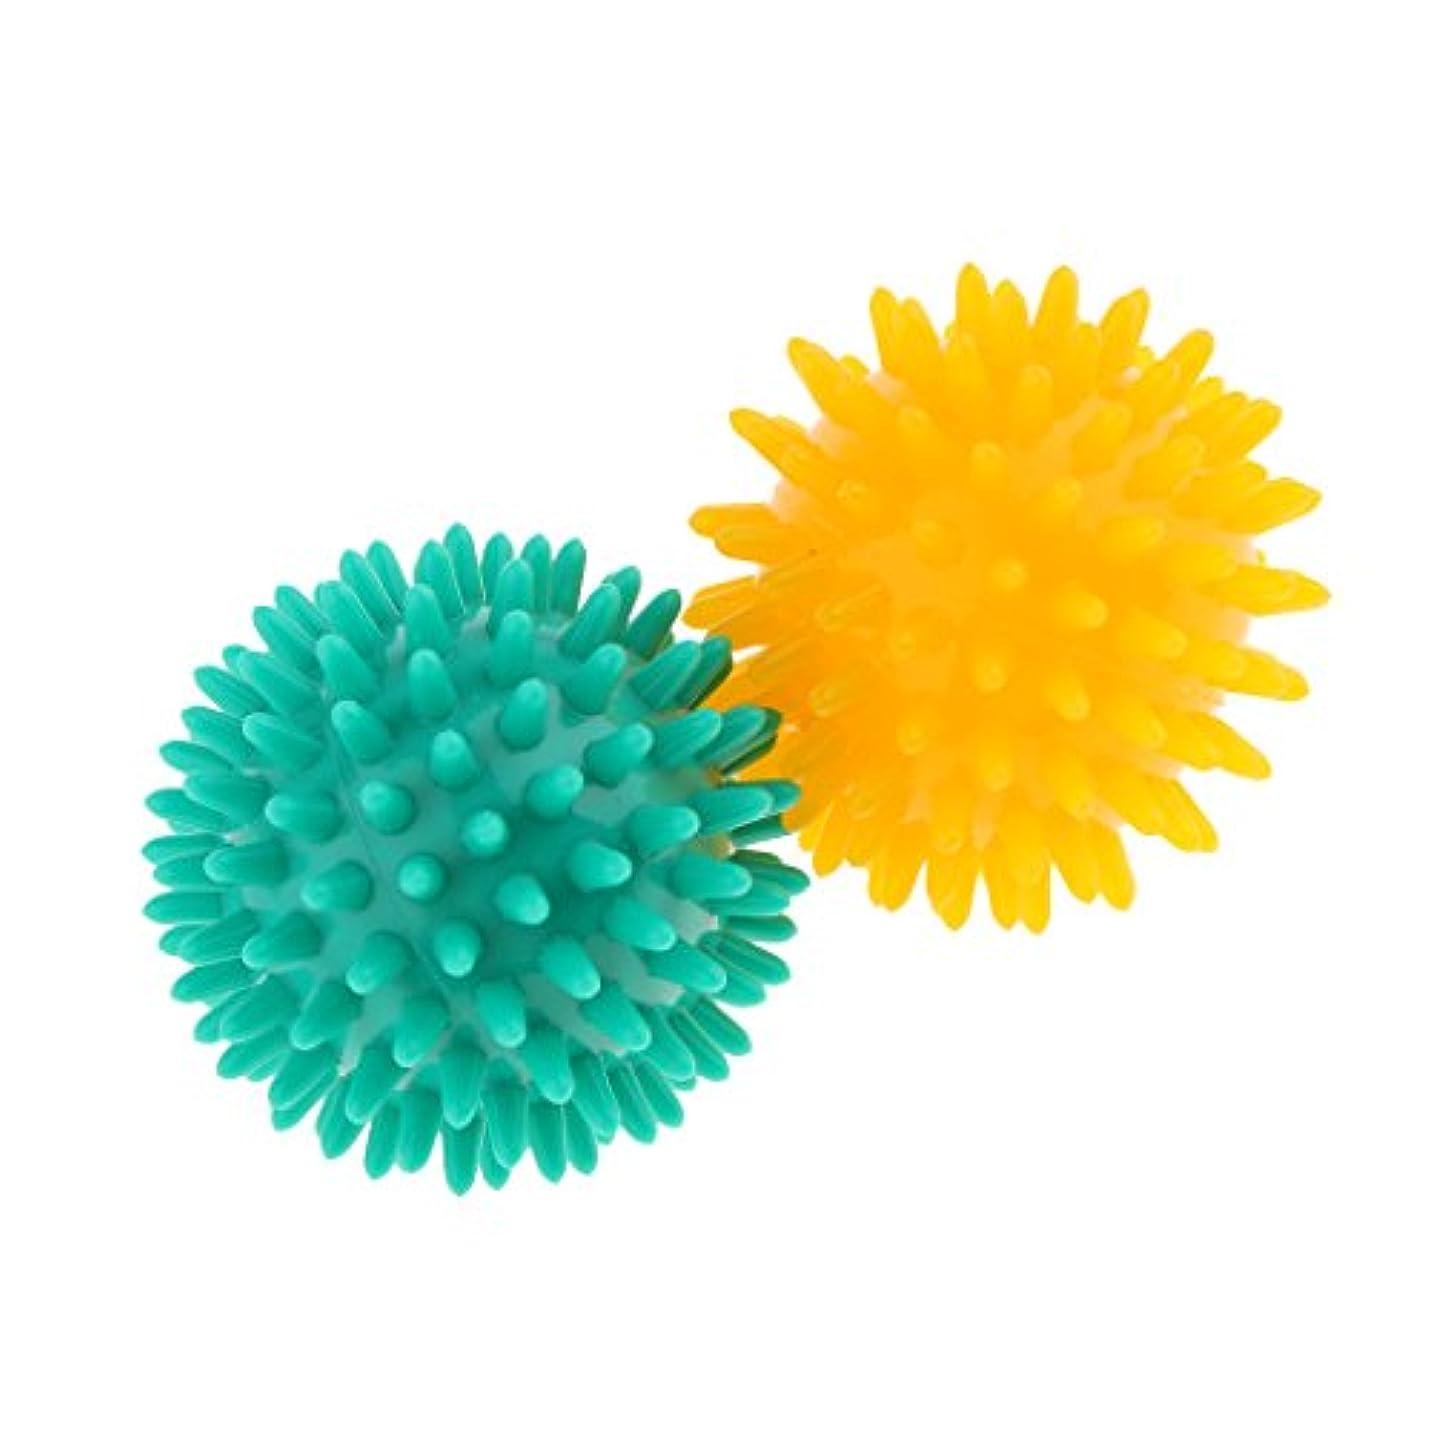 タッチ障害商品Baosity マッサージボール スパイシー マッサージ ボディトリガー リラックス PVC 2個セット 3タイプ選べ - イエローグリーン